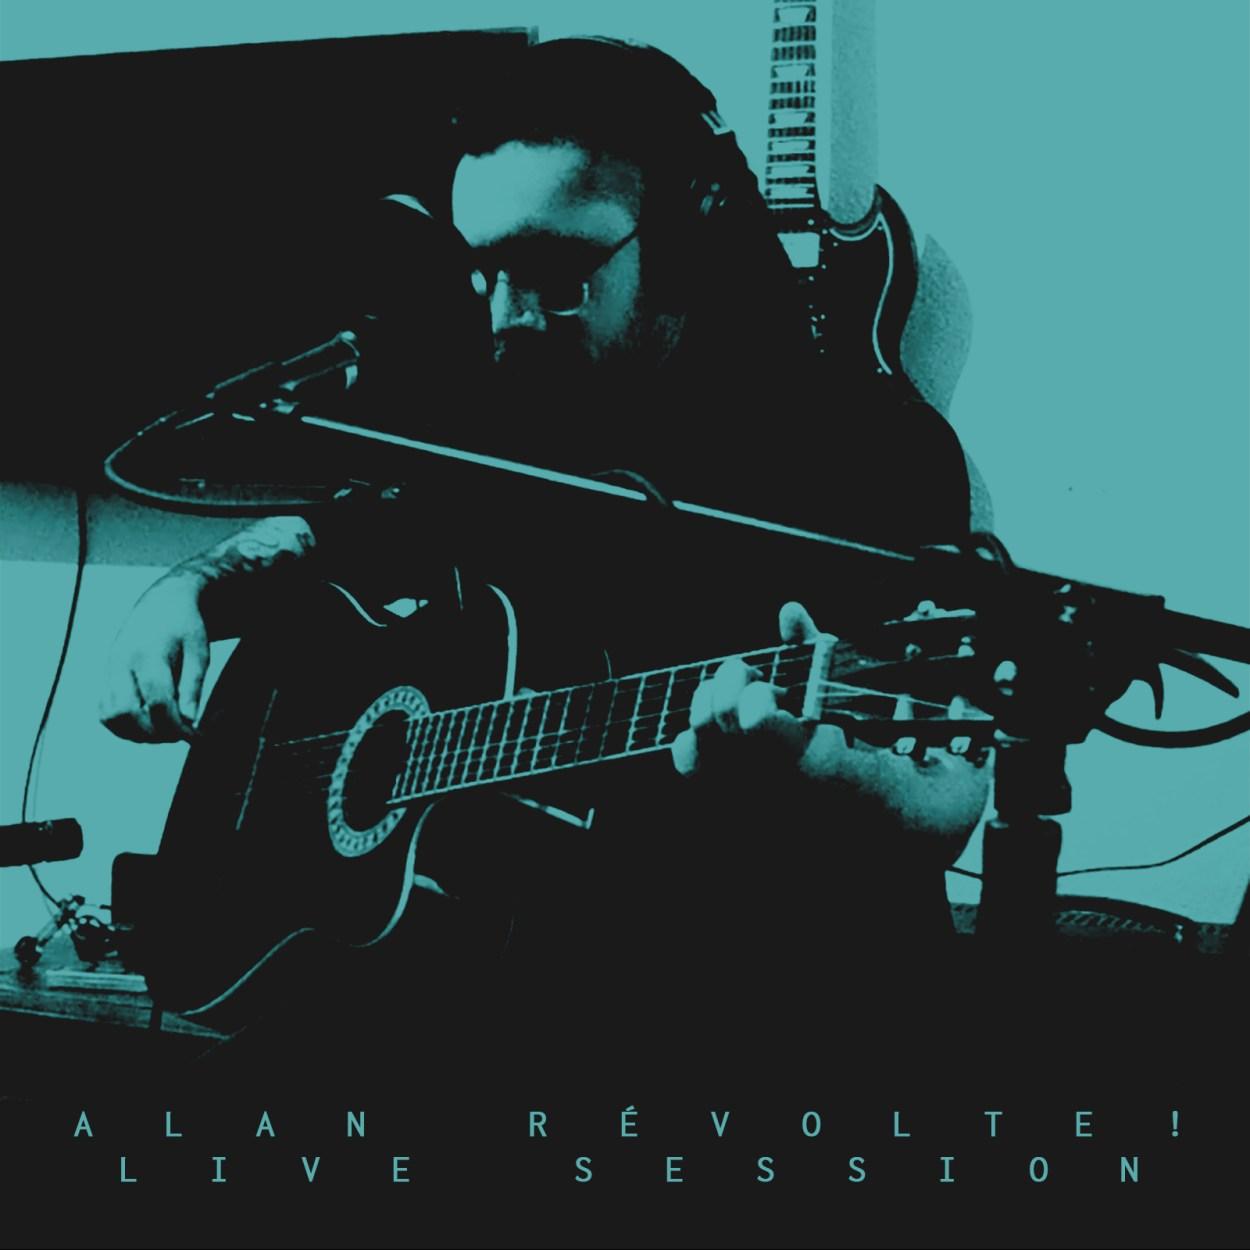 Alan Révolte! – Live Session